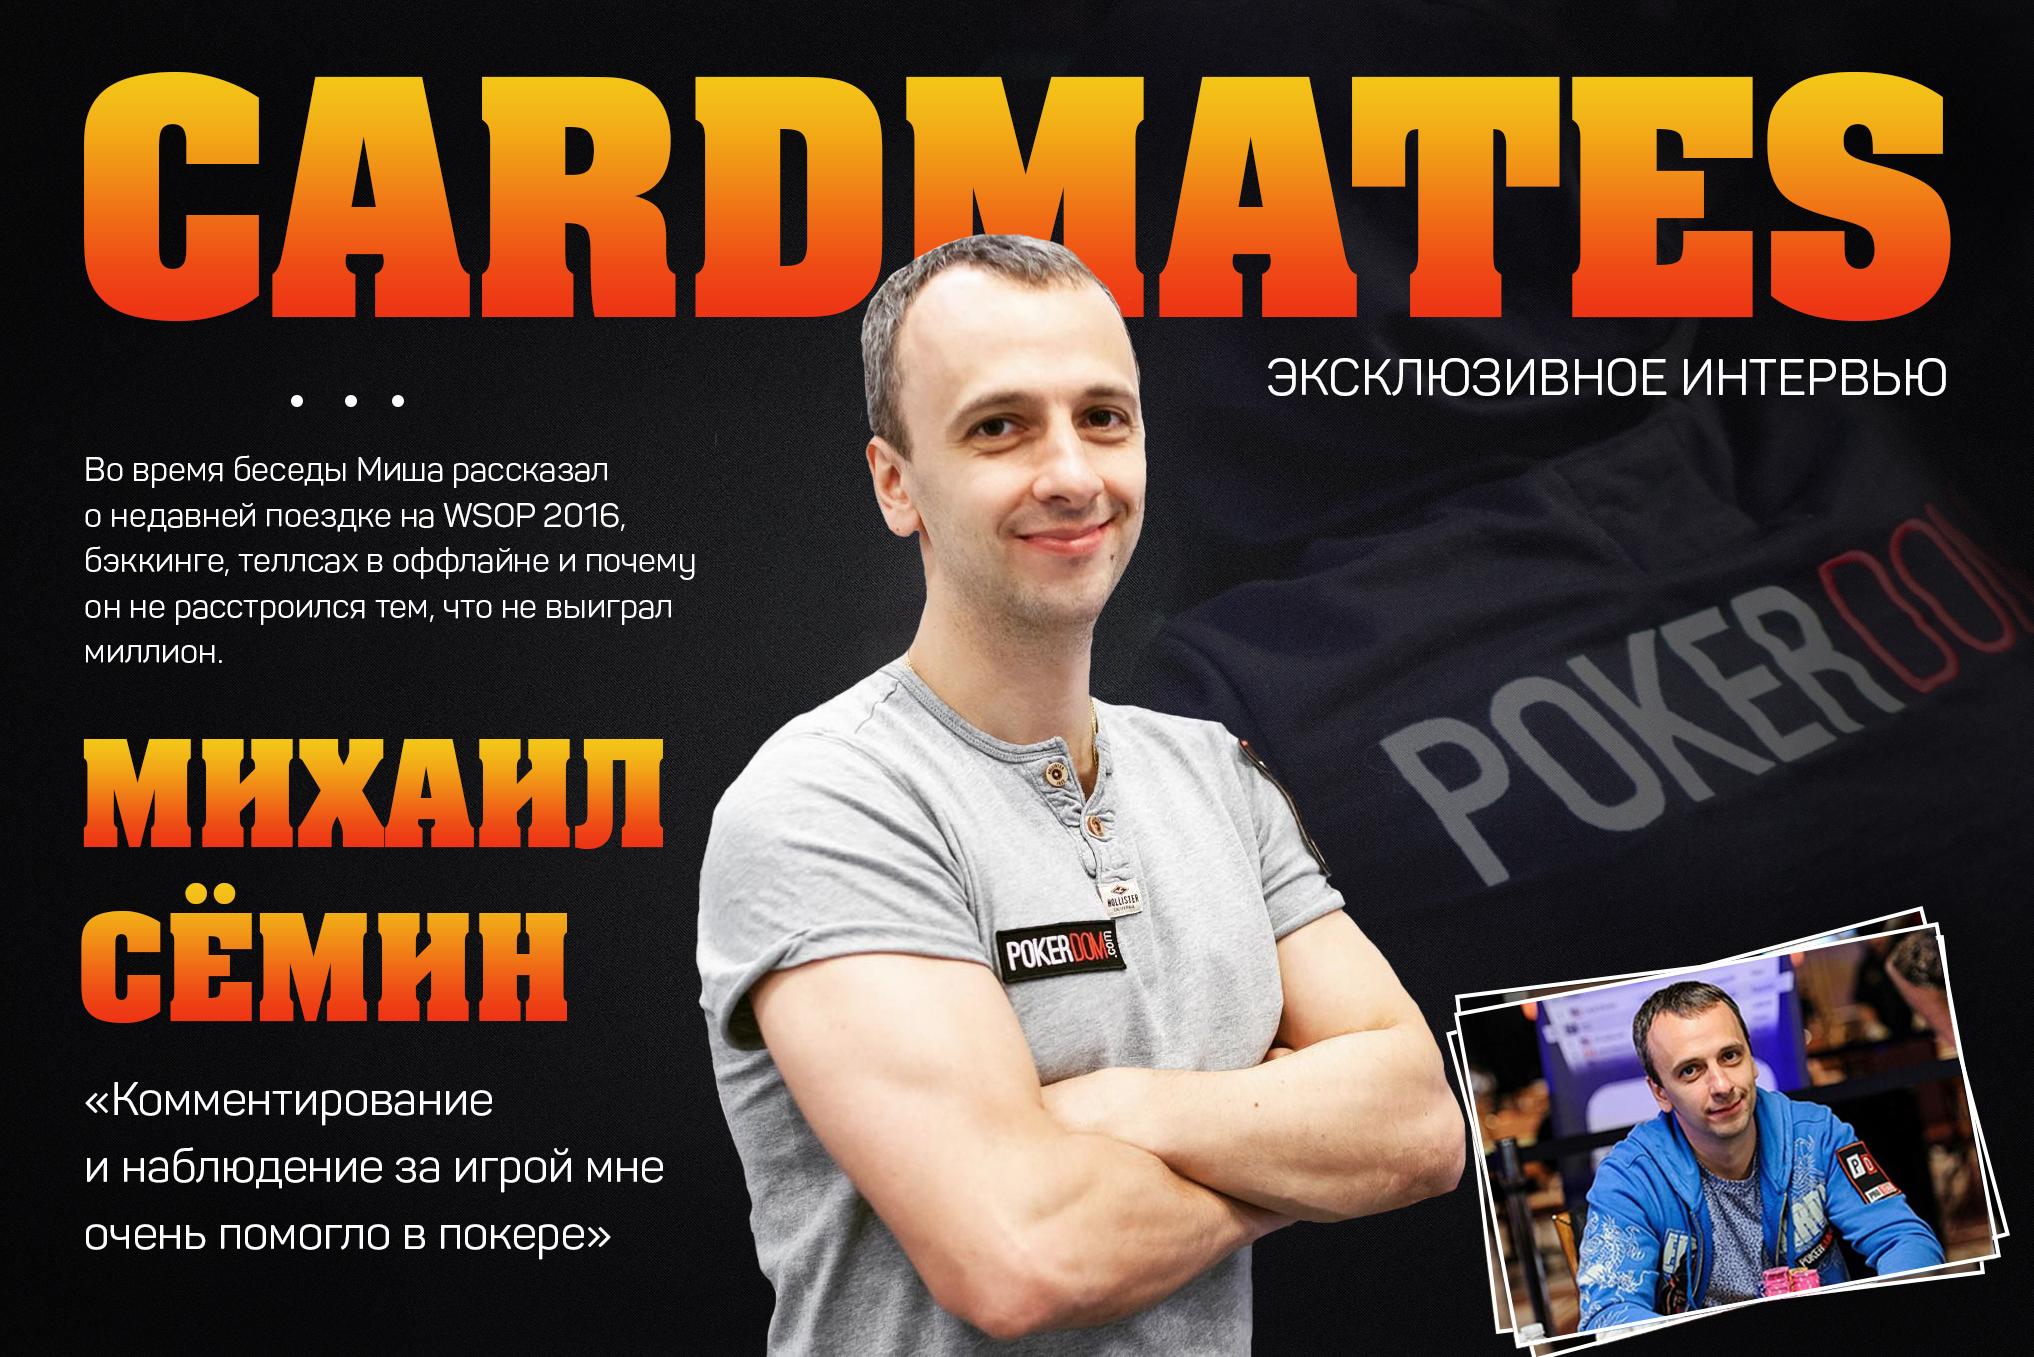 Михаил Сёмин:  «Комментирование и наблюдение за игрой мне очень помогло в покере»